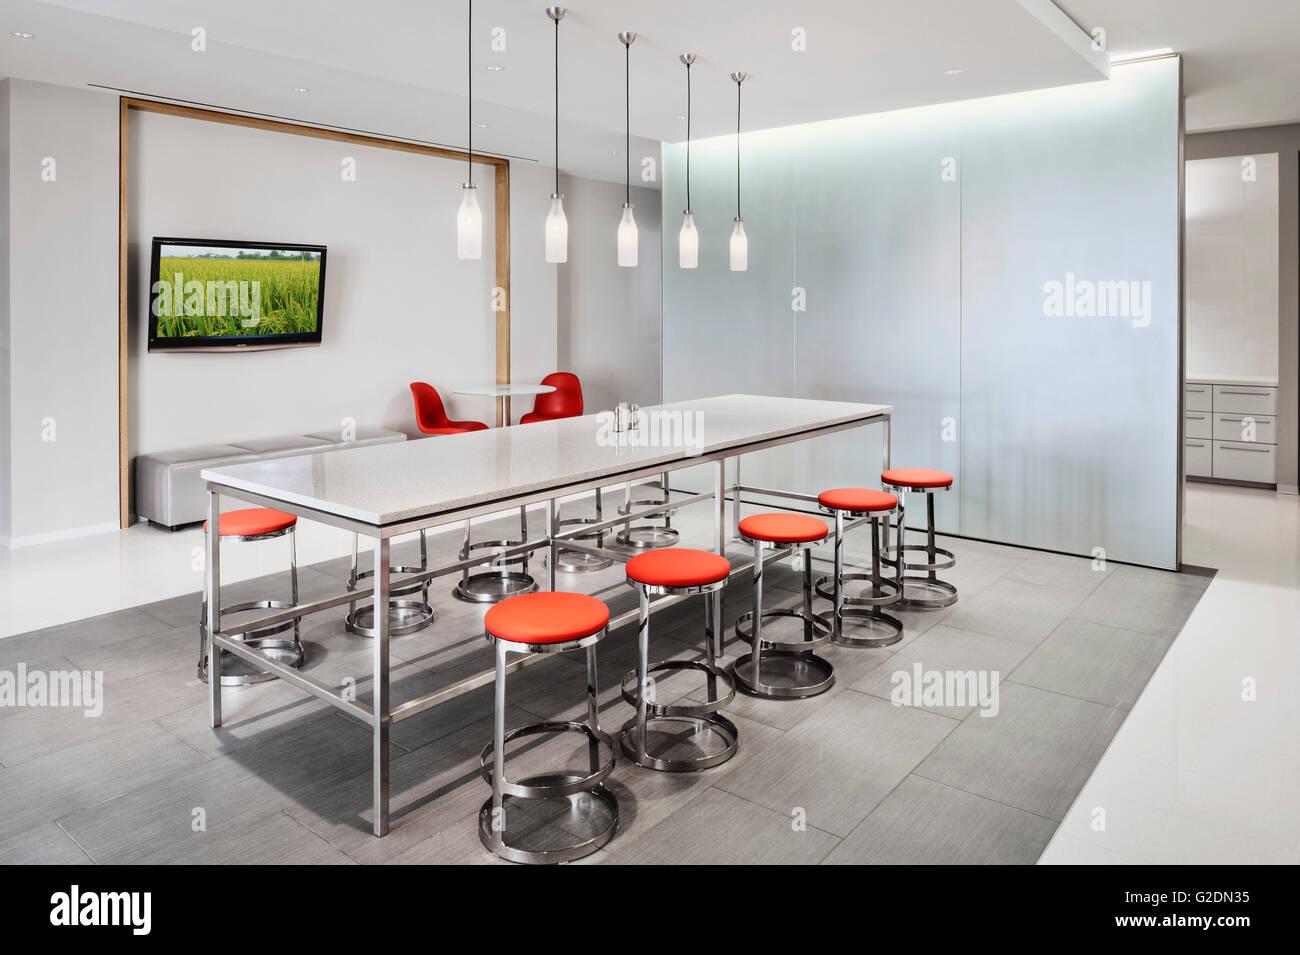 Dipendente area salotto con tavolo moderno e sgabelli arancione